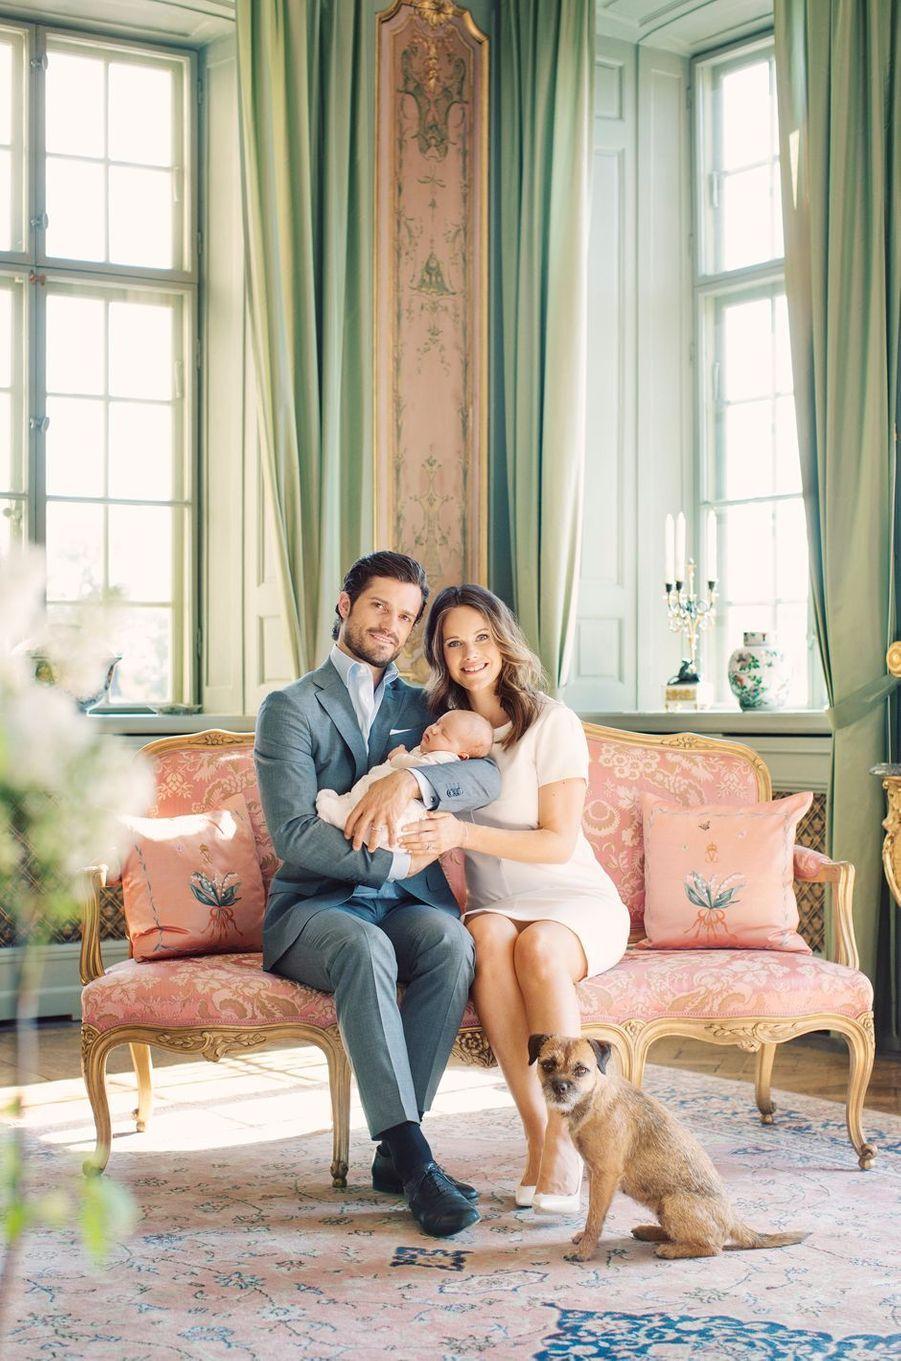 La princesse Sofia et le prince Carl Philip de Suède avec leur fils le prince Alexander et leur chien Siri, photo diffusée le 13 mai 2016